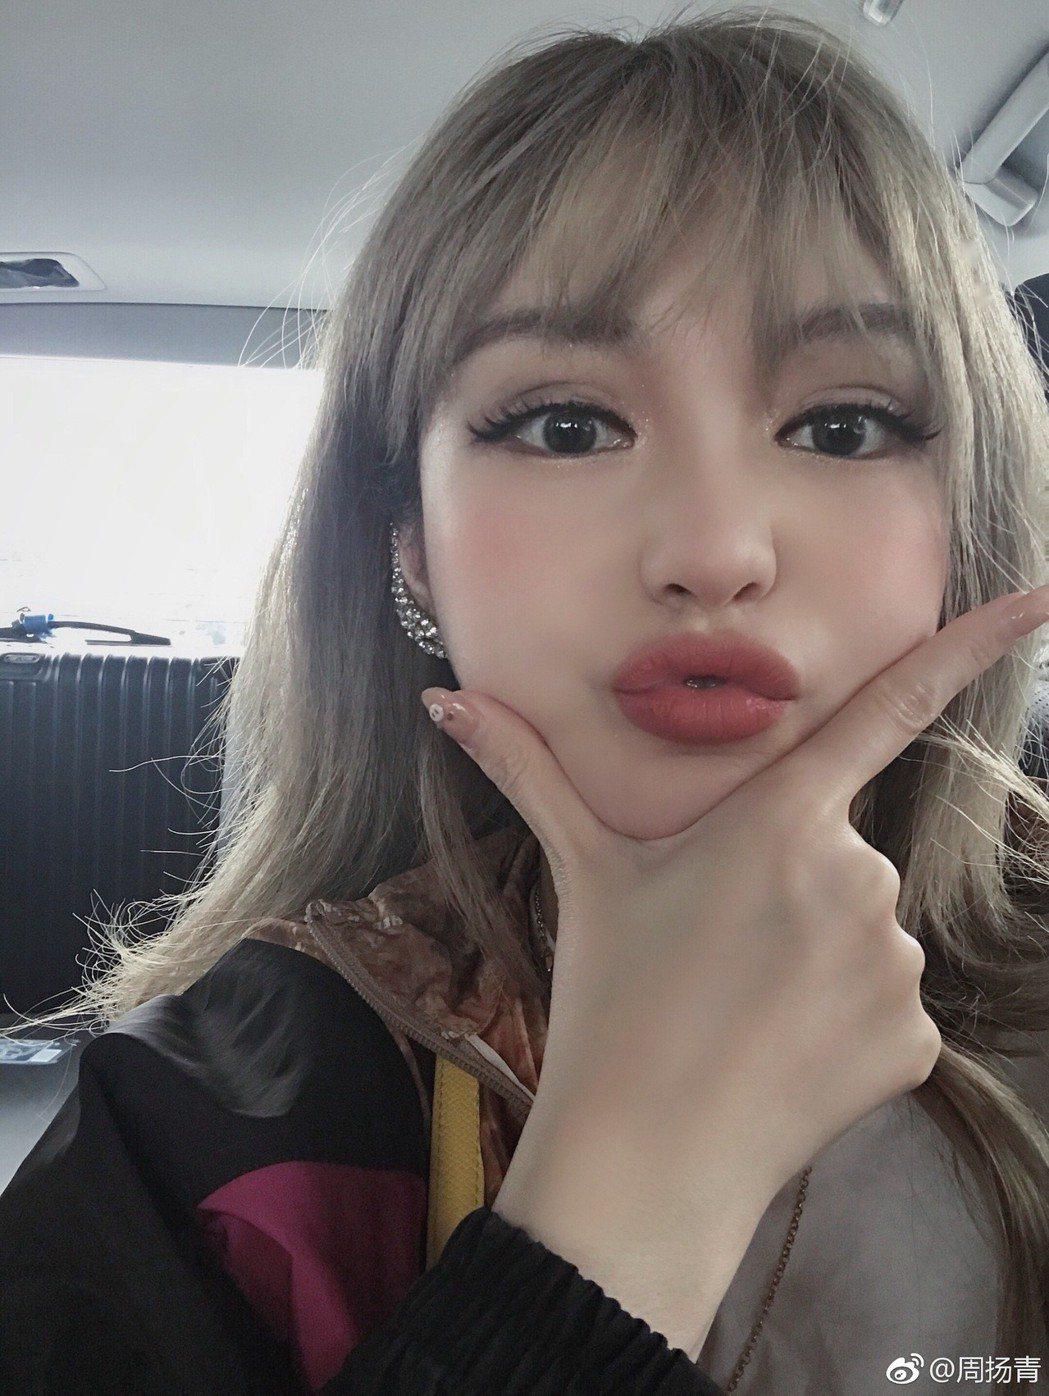 周揚青分享自拍美照,網友懷疑她又整形。 圖/擷自周揚青微博